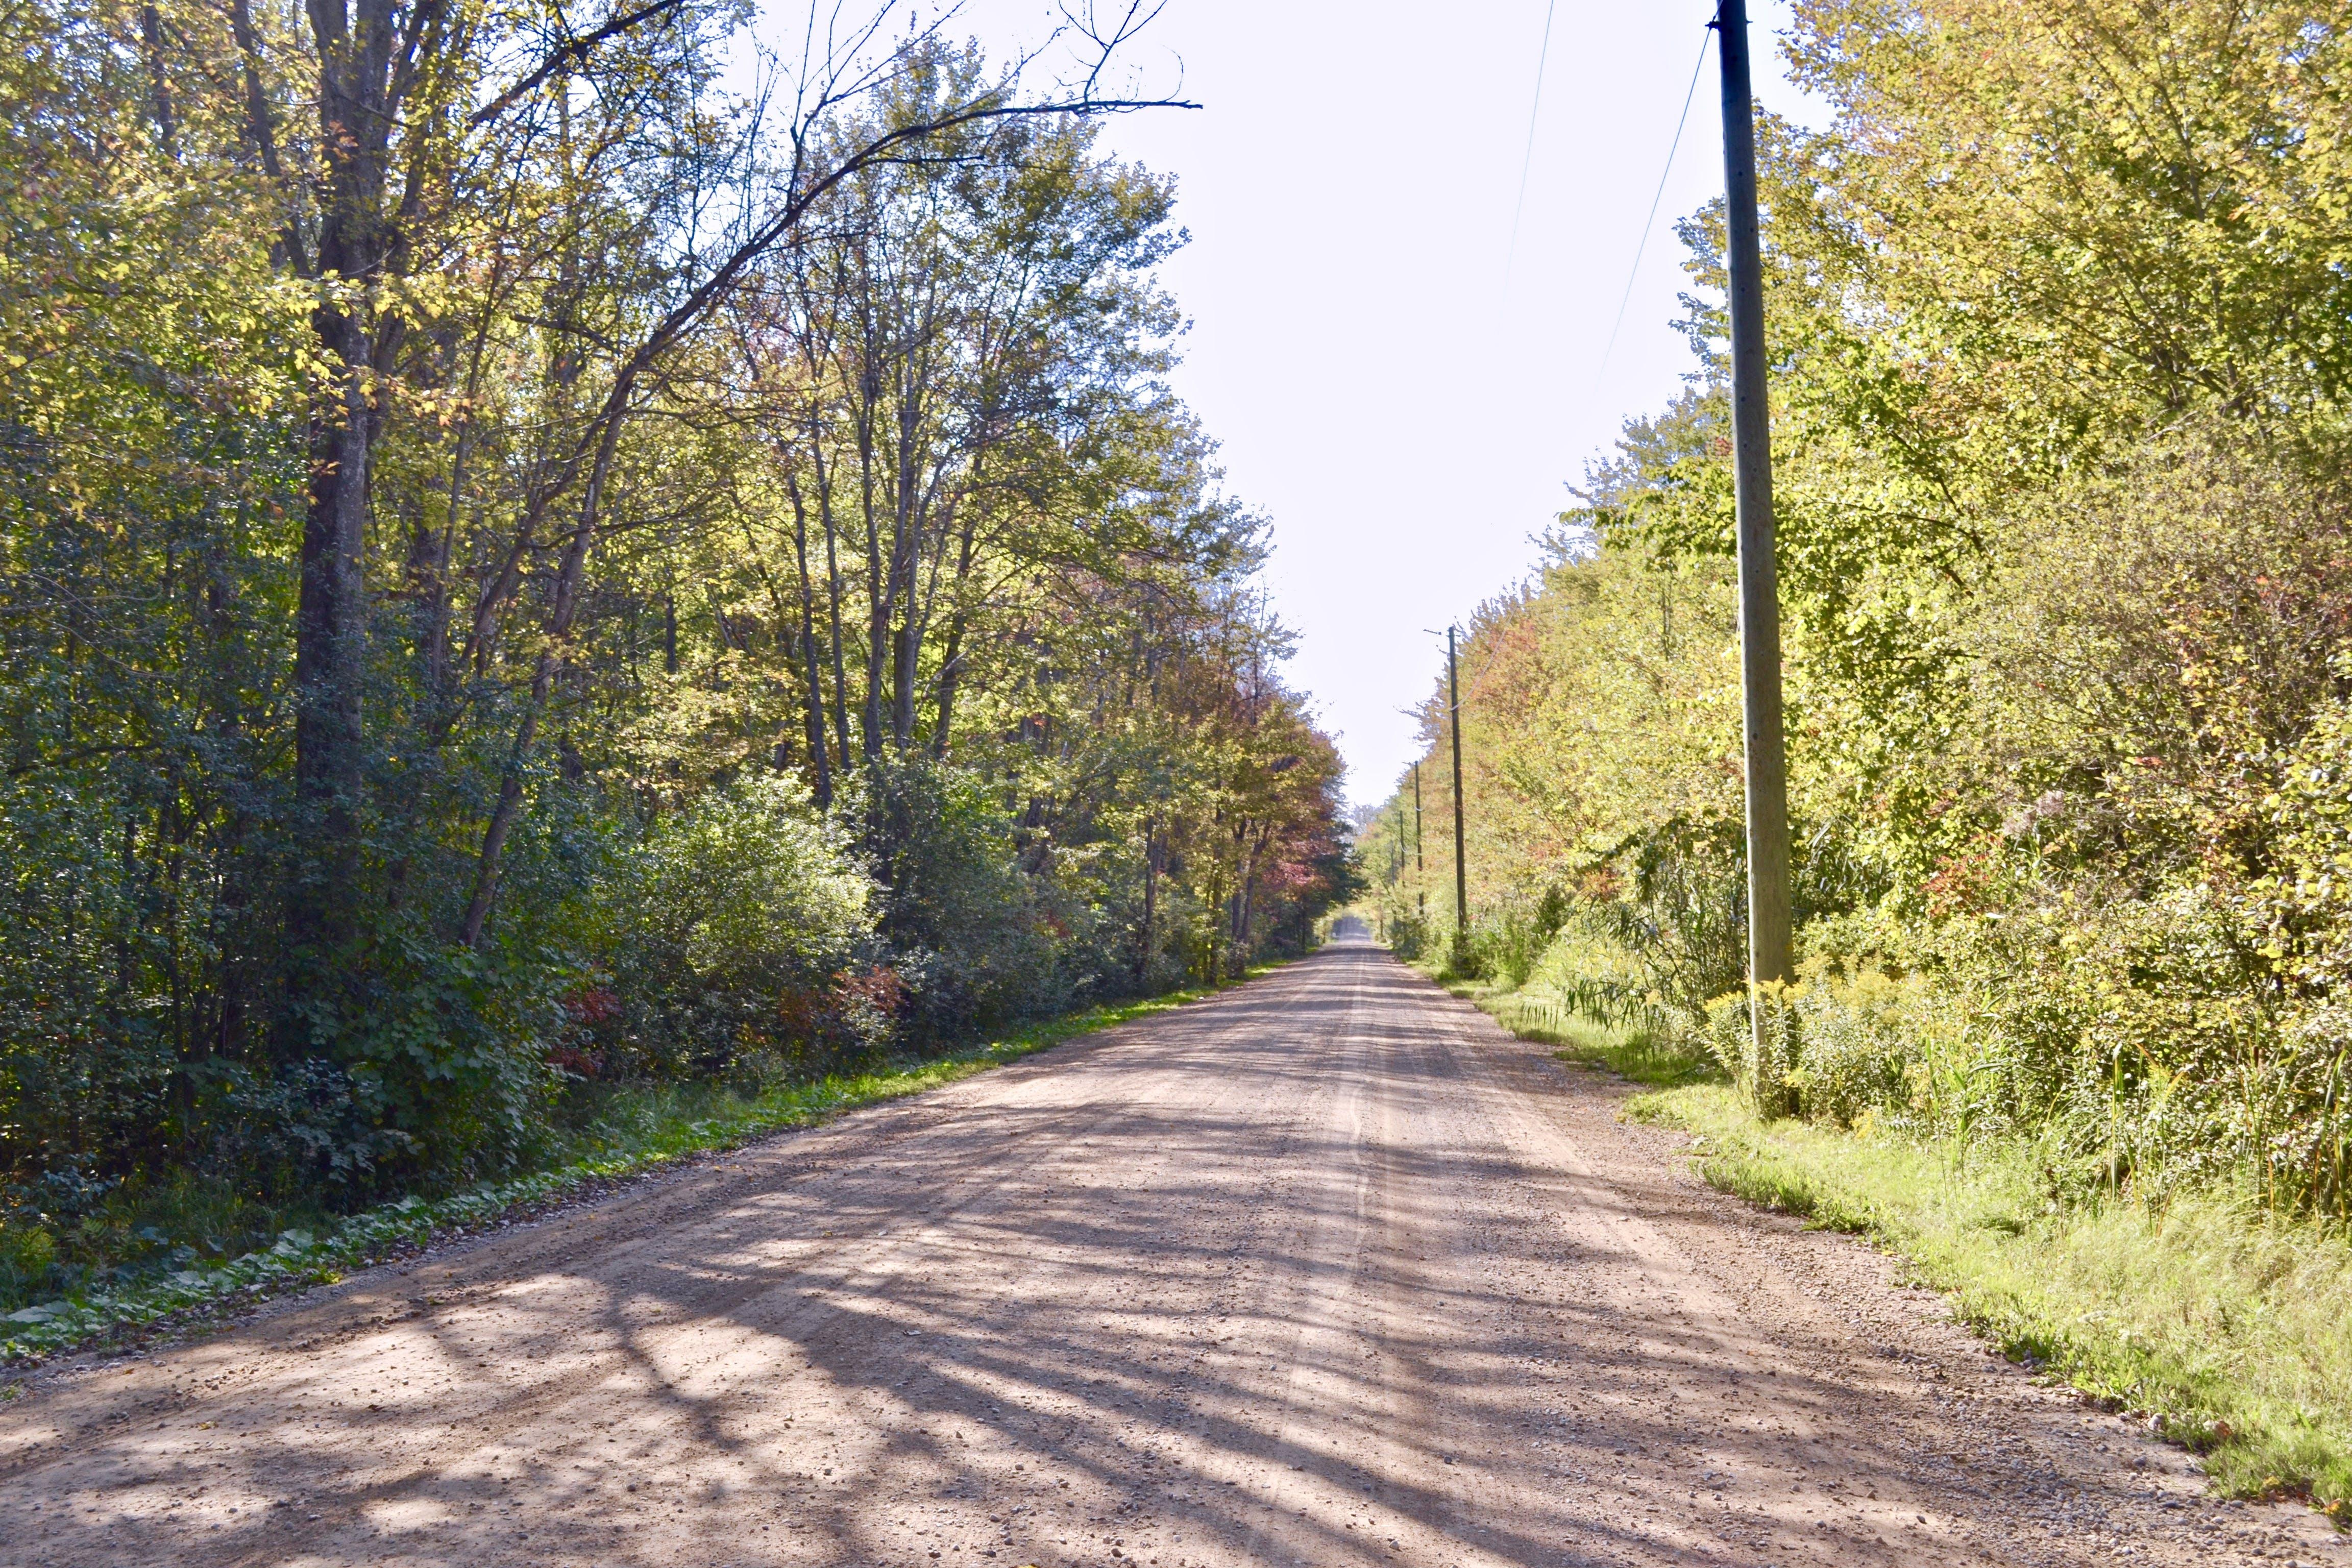 Beke Road